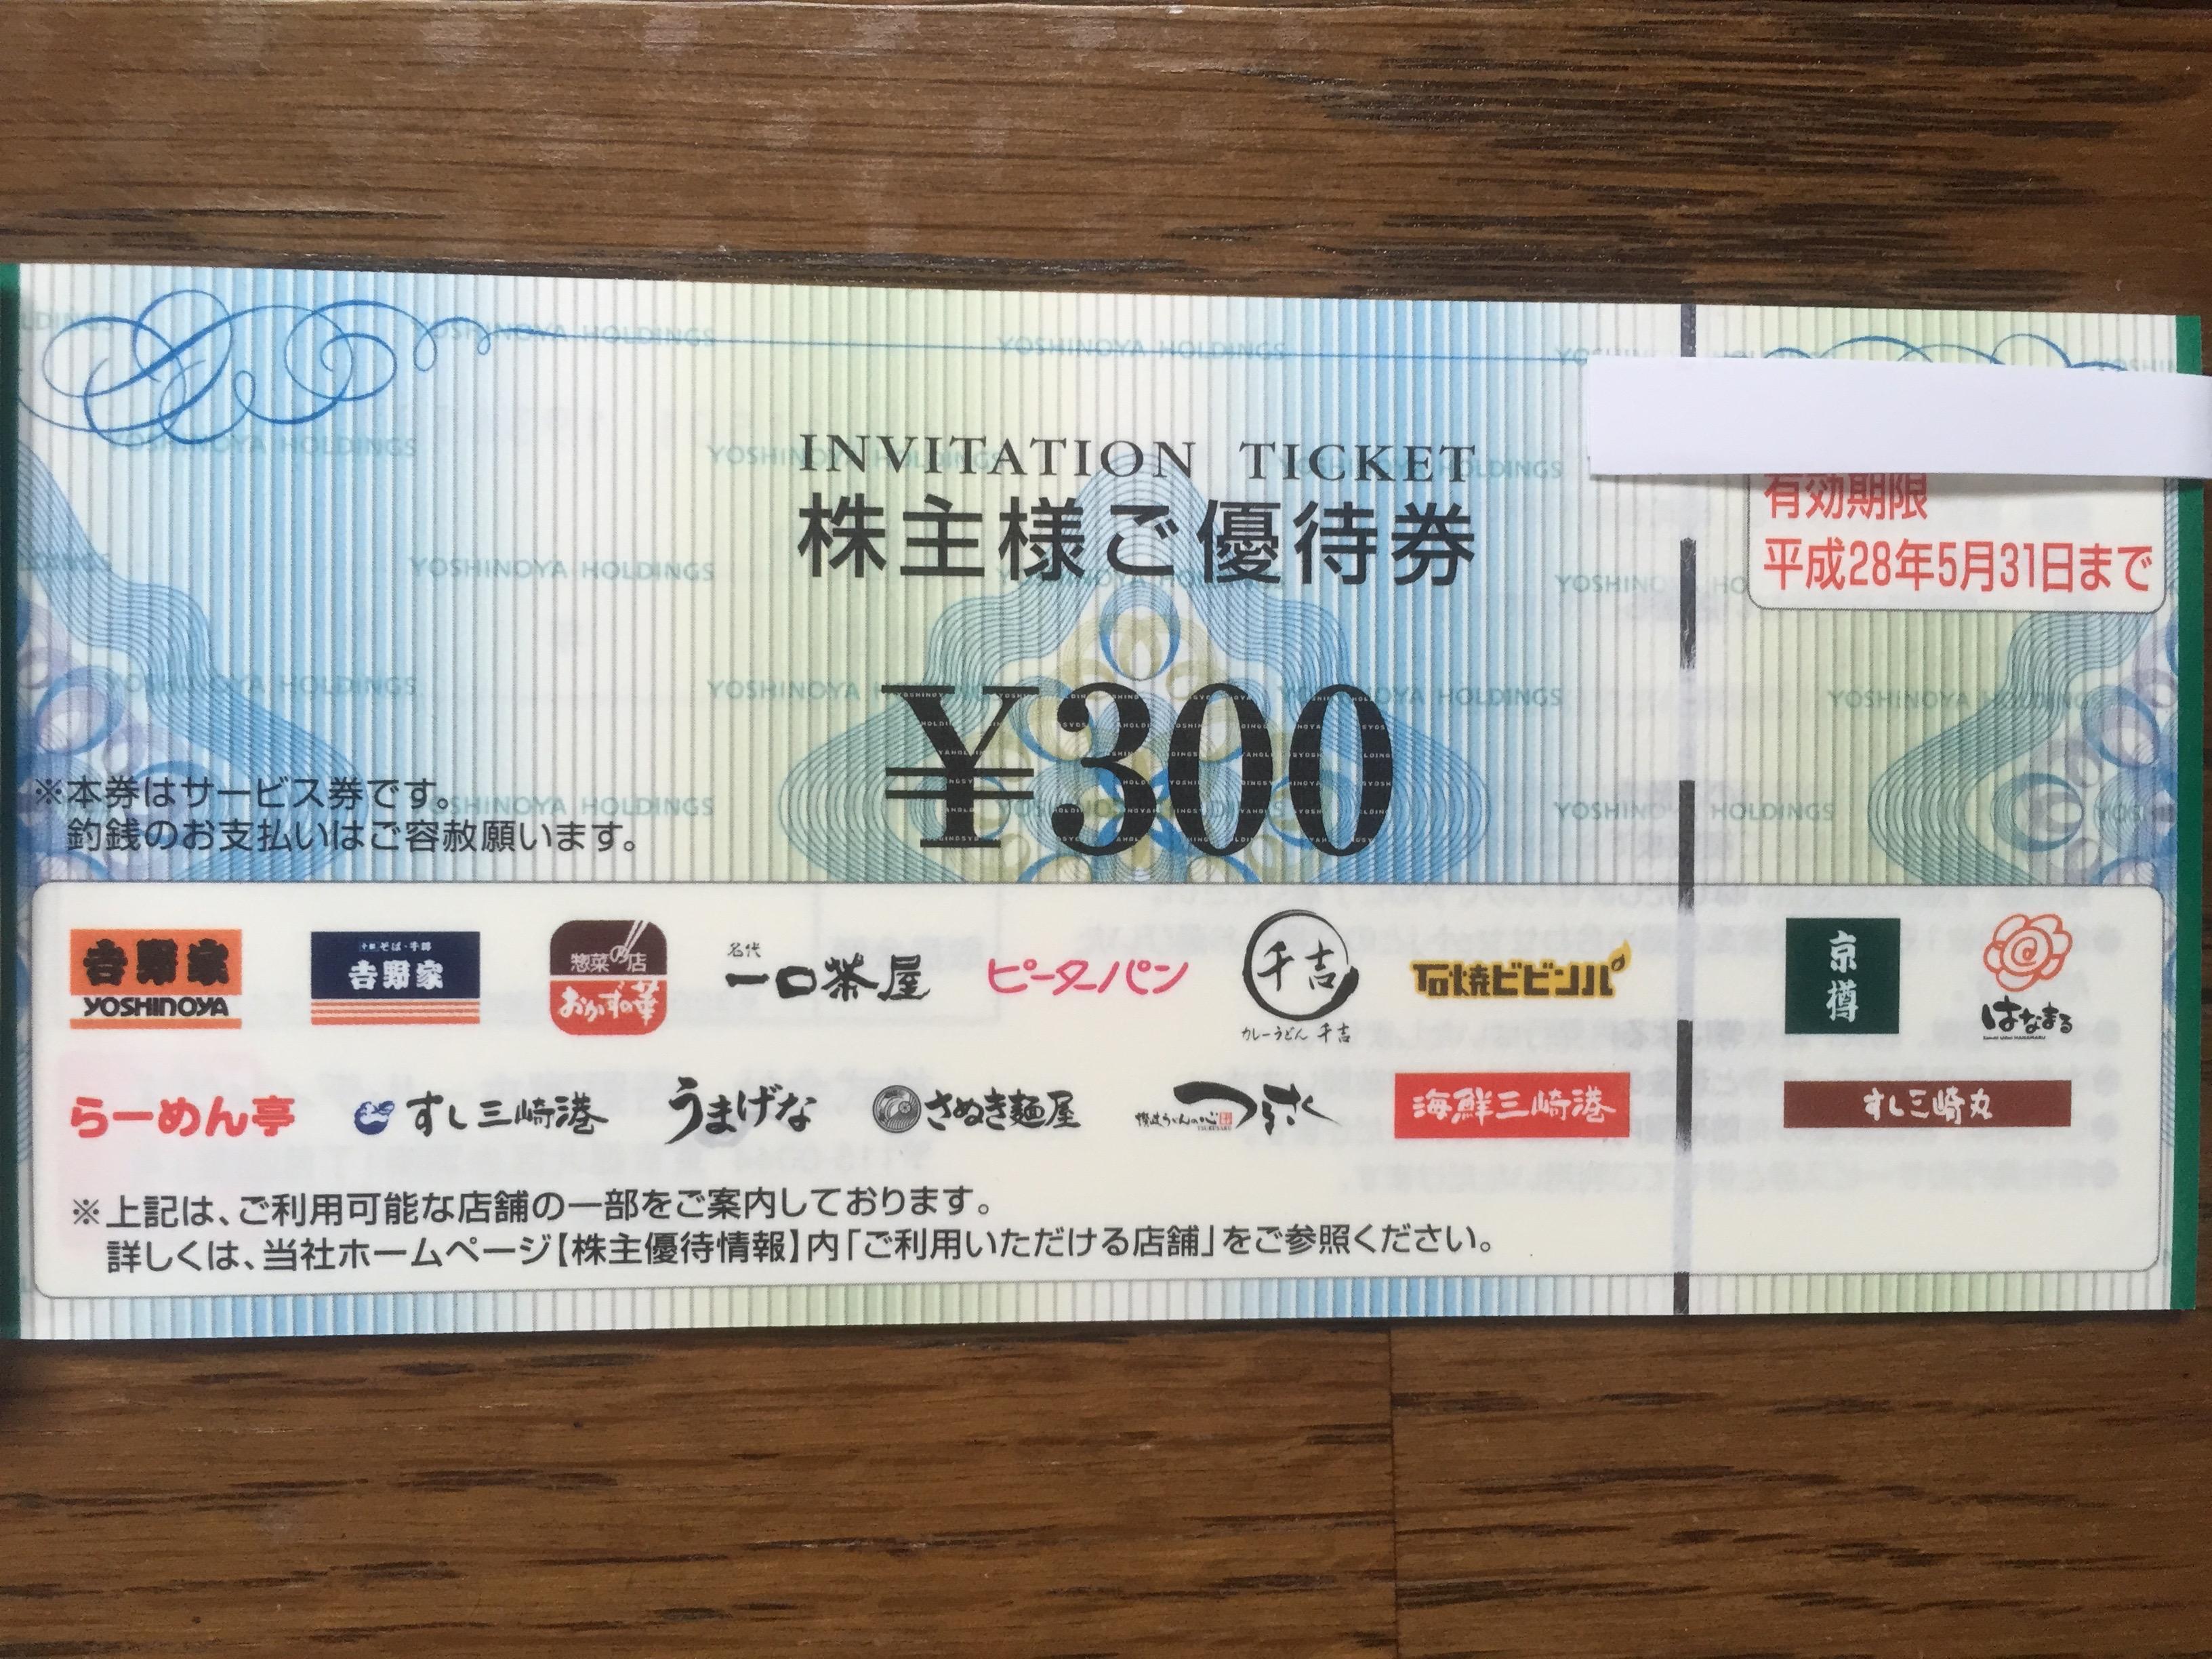 吉野家ホールディングス (9861) の株主優待が到着!! 吉野家の食事券が大量に貰えます!!